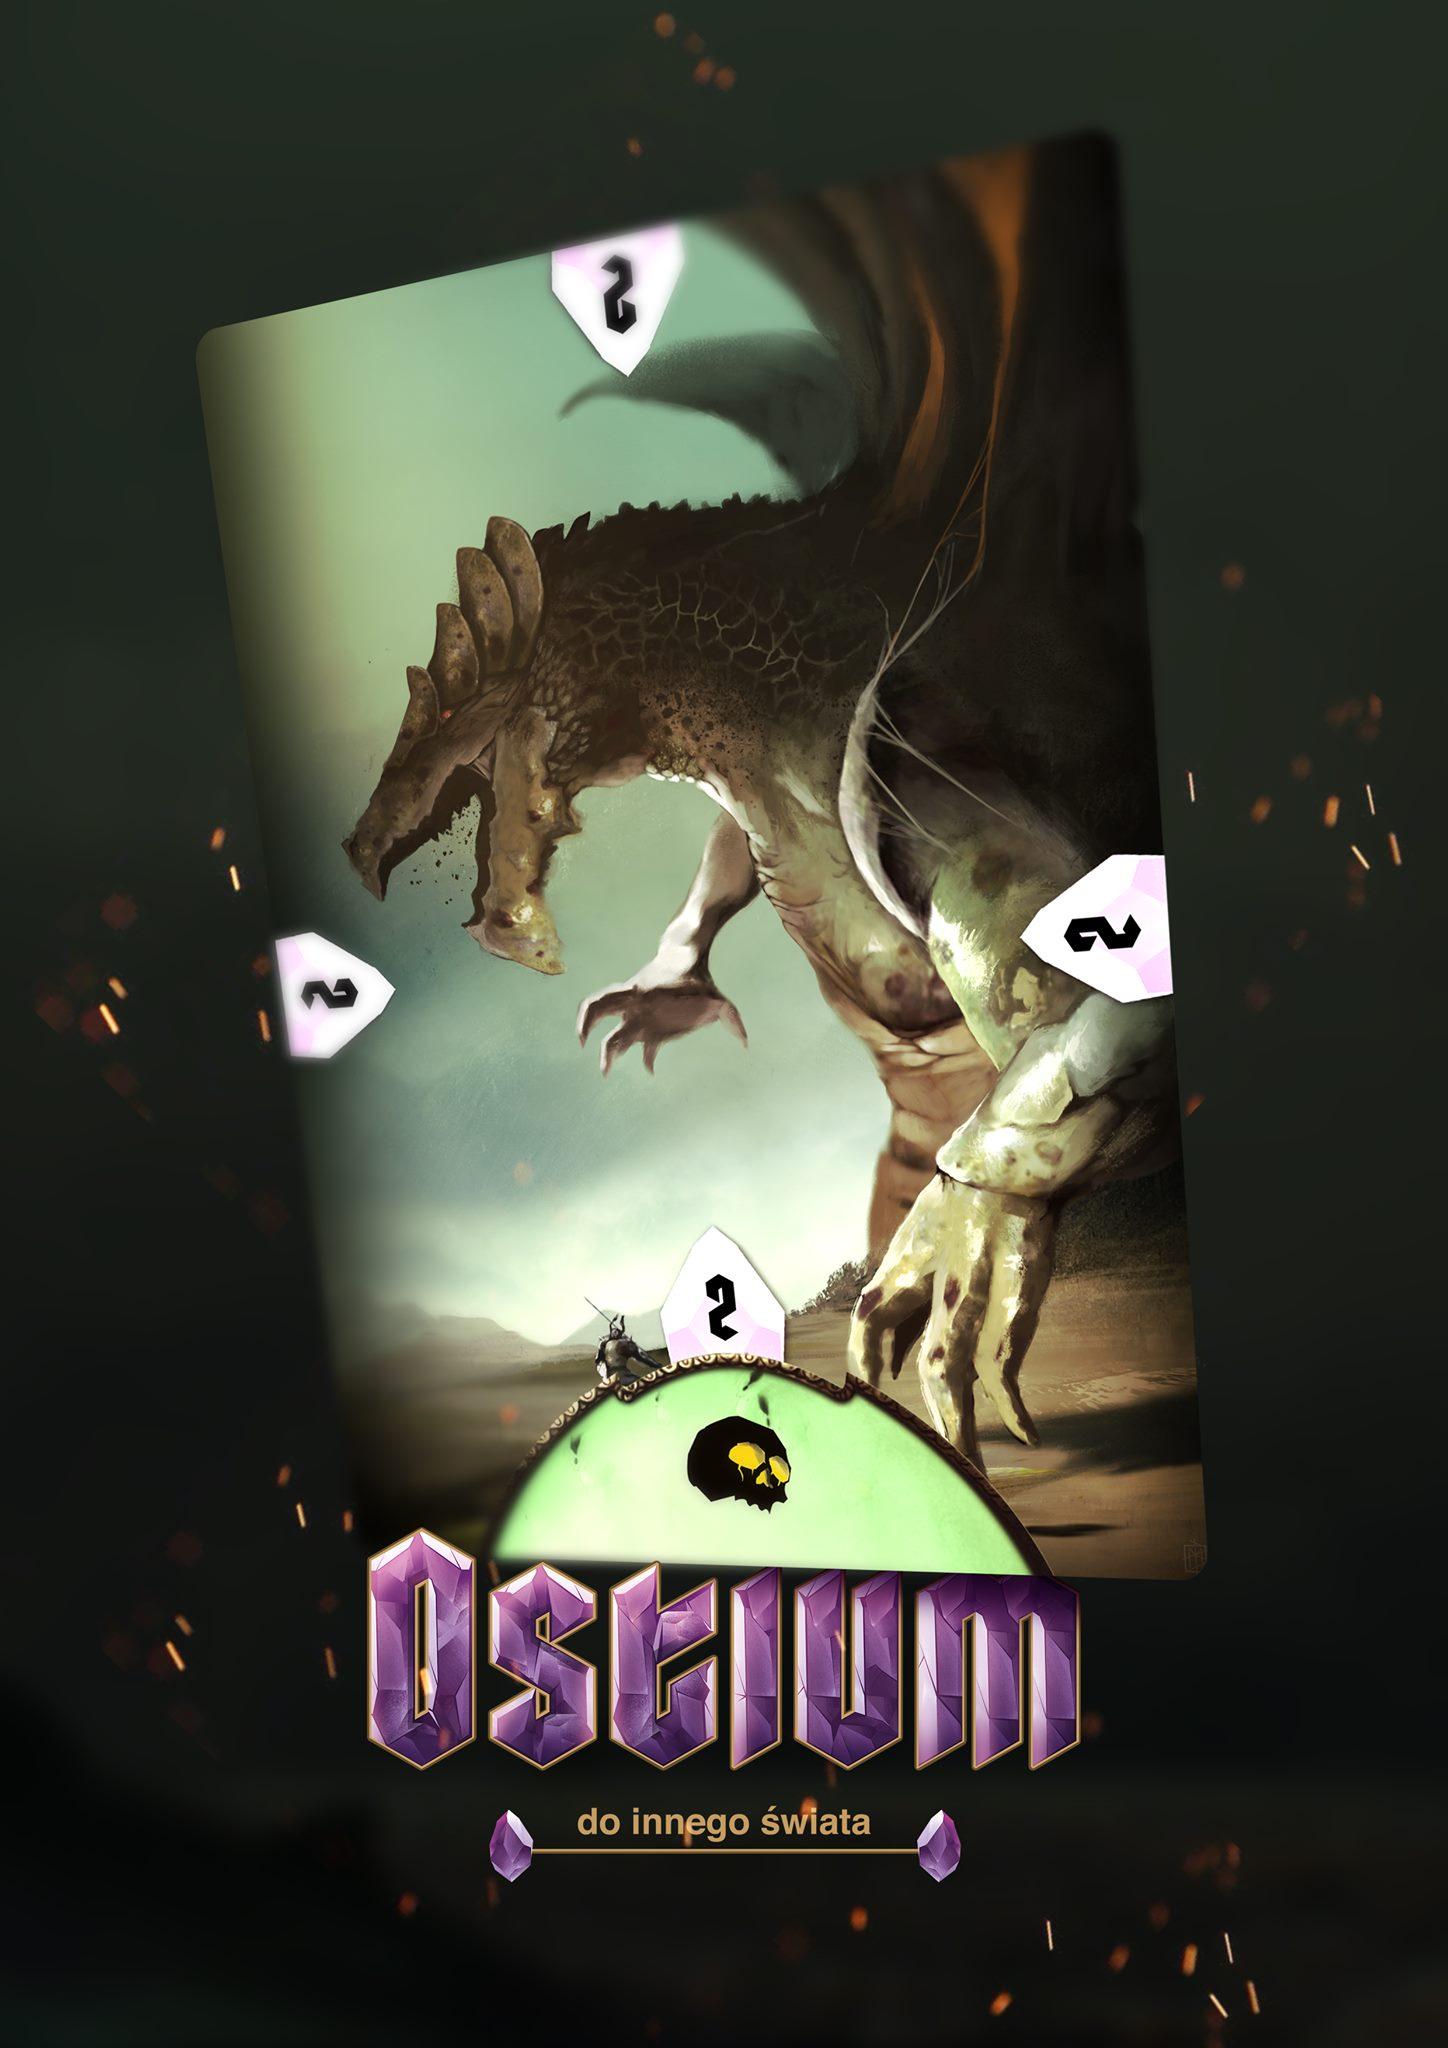 Ostium